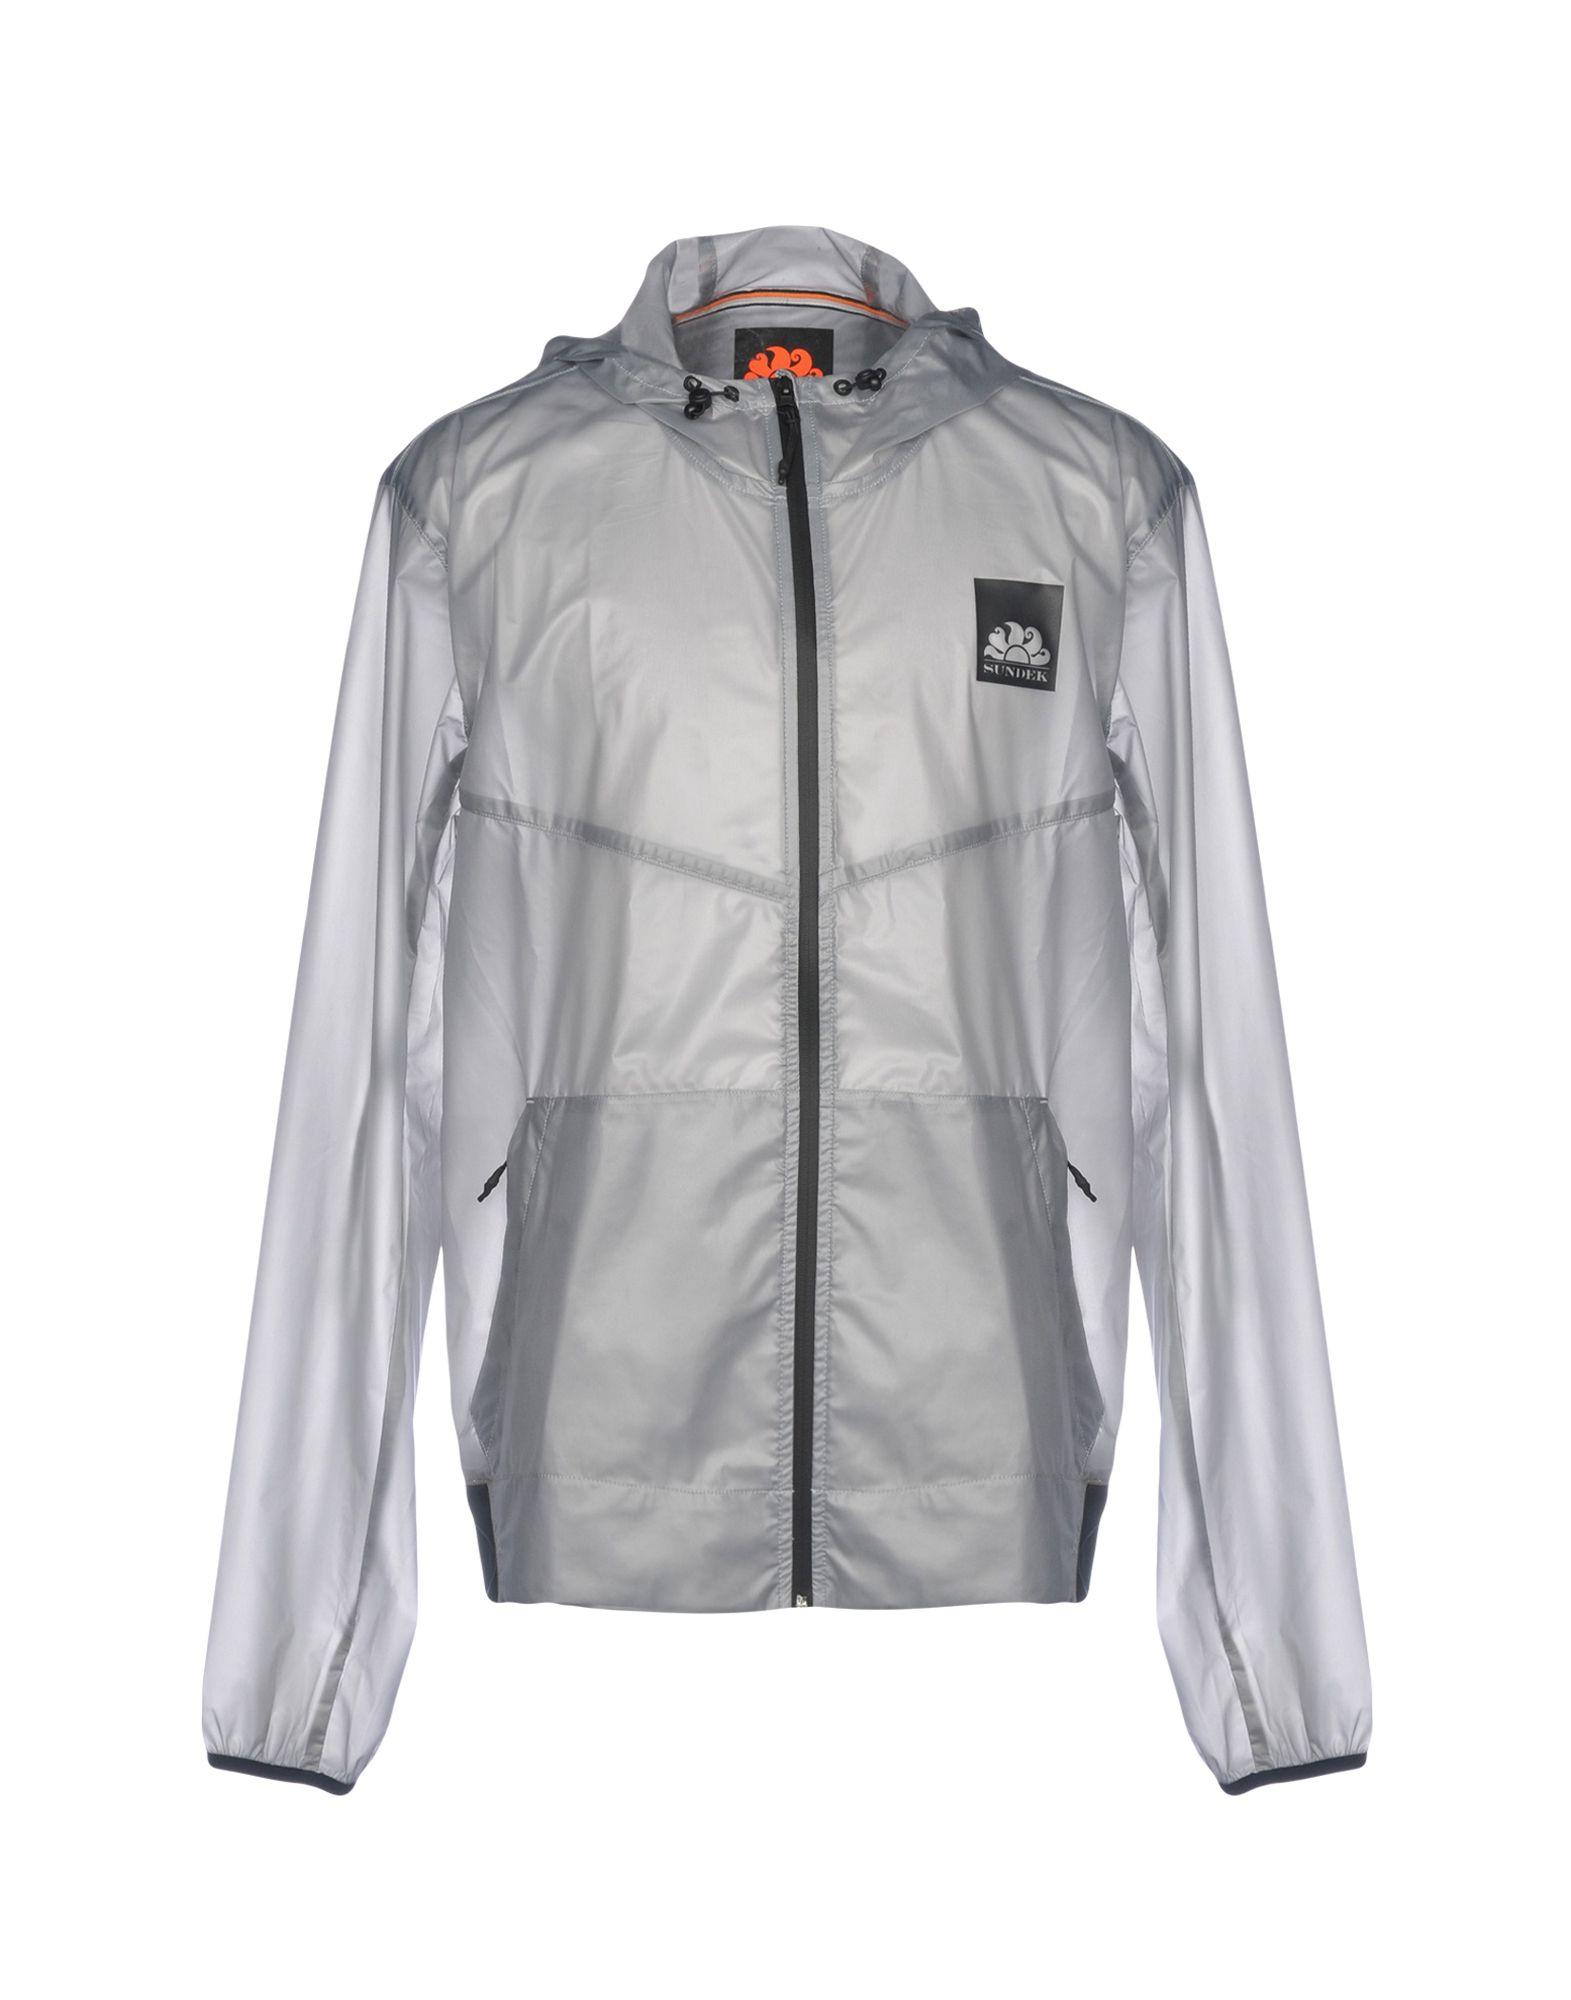 SUNDEK Jacket in Light Grey